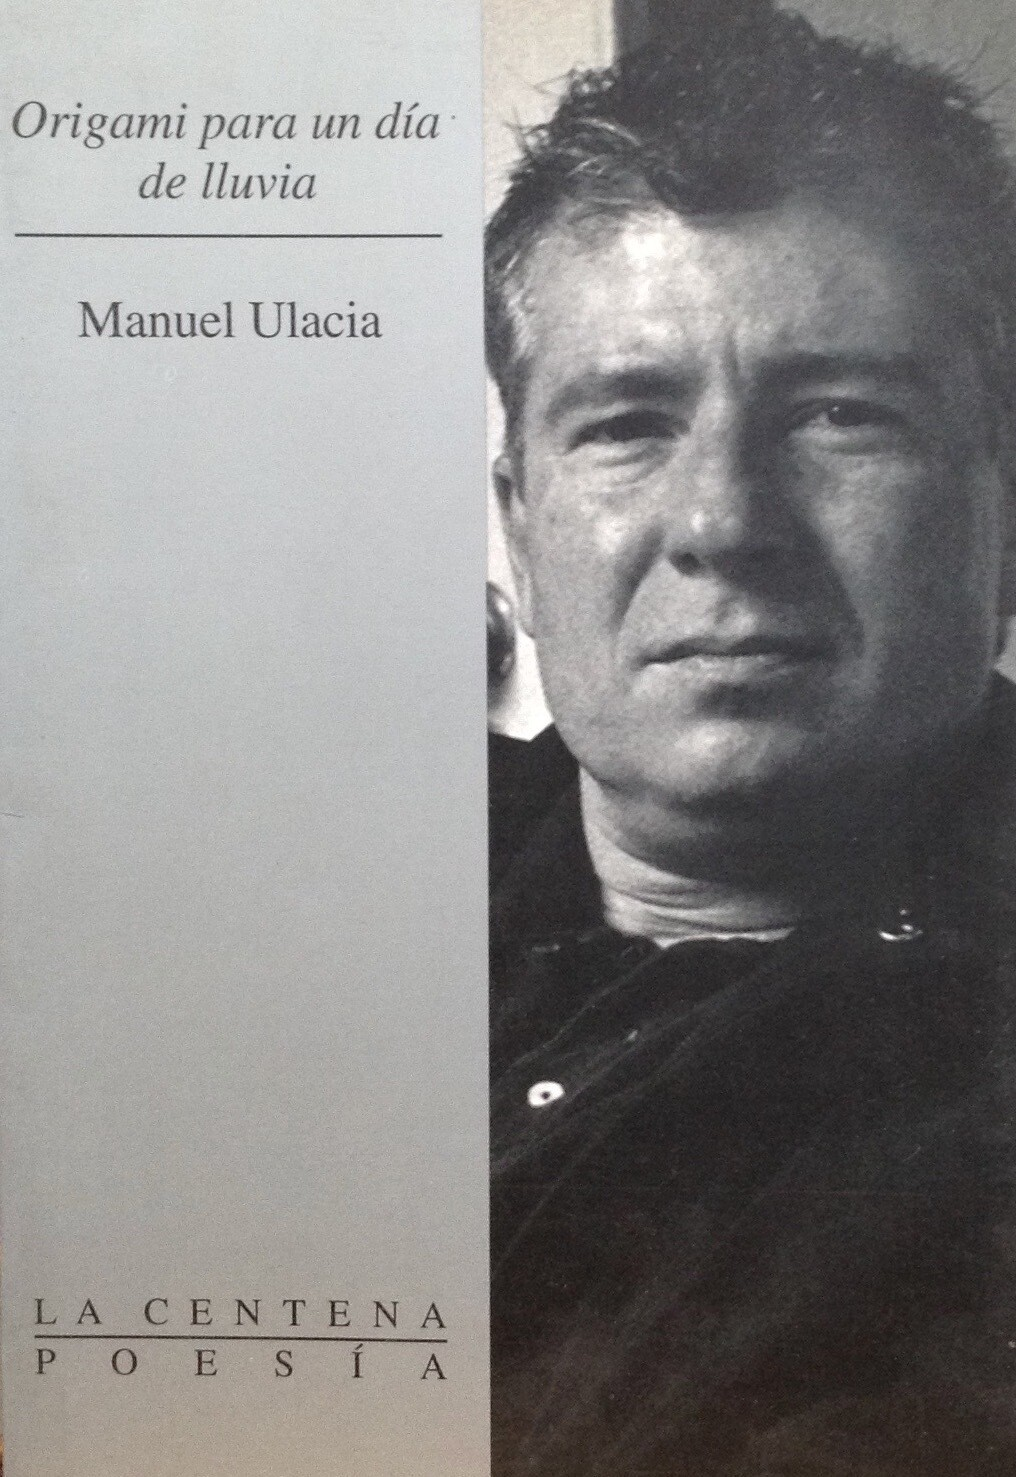 Manuel Ulacia, Origami para un día de lluvia